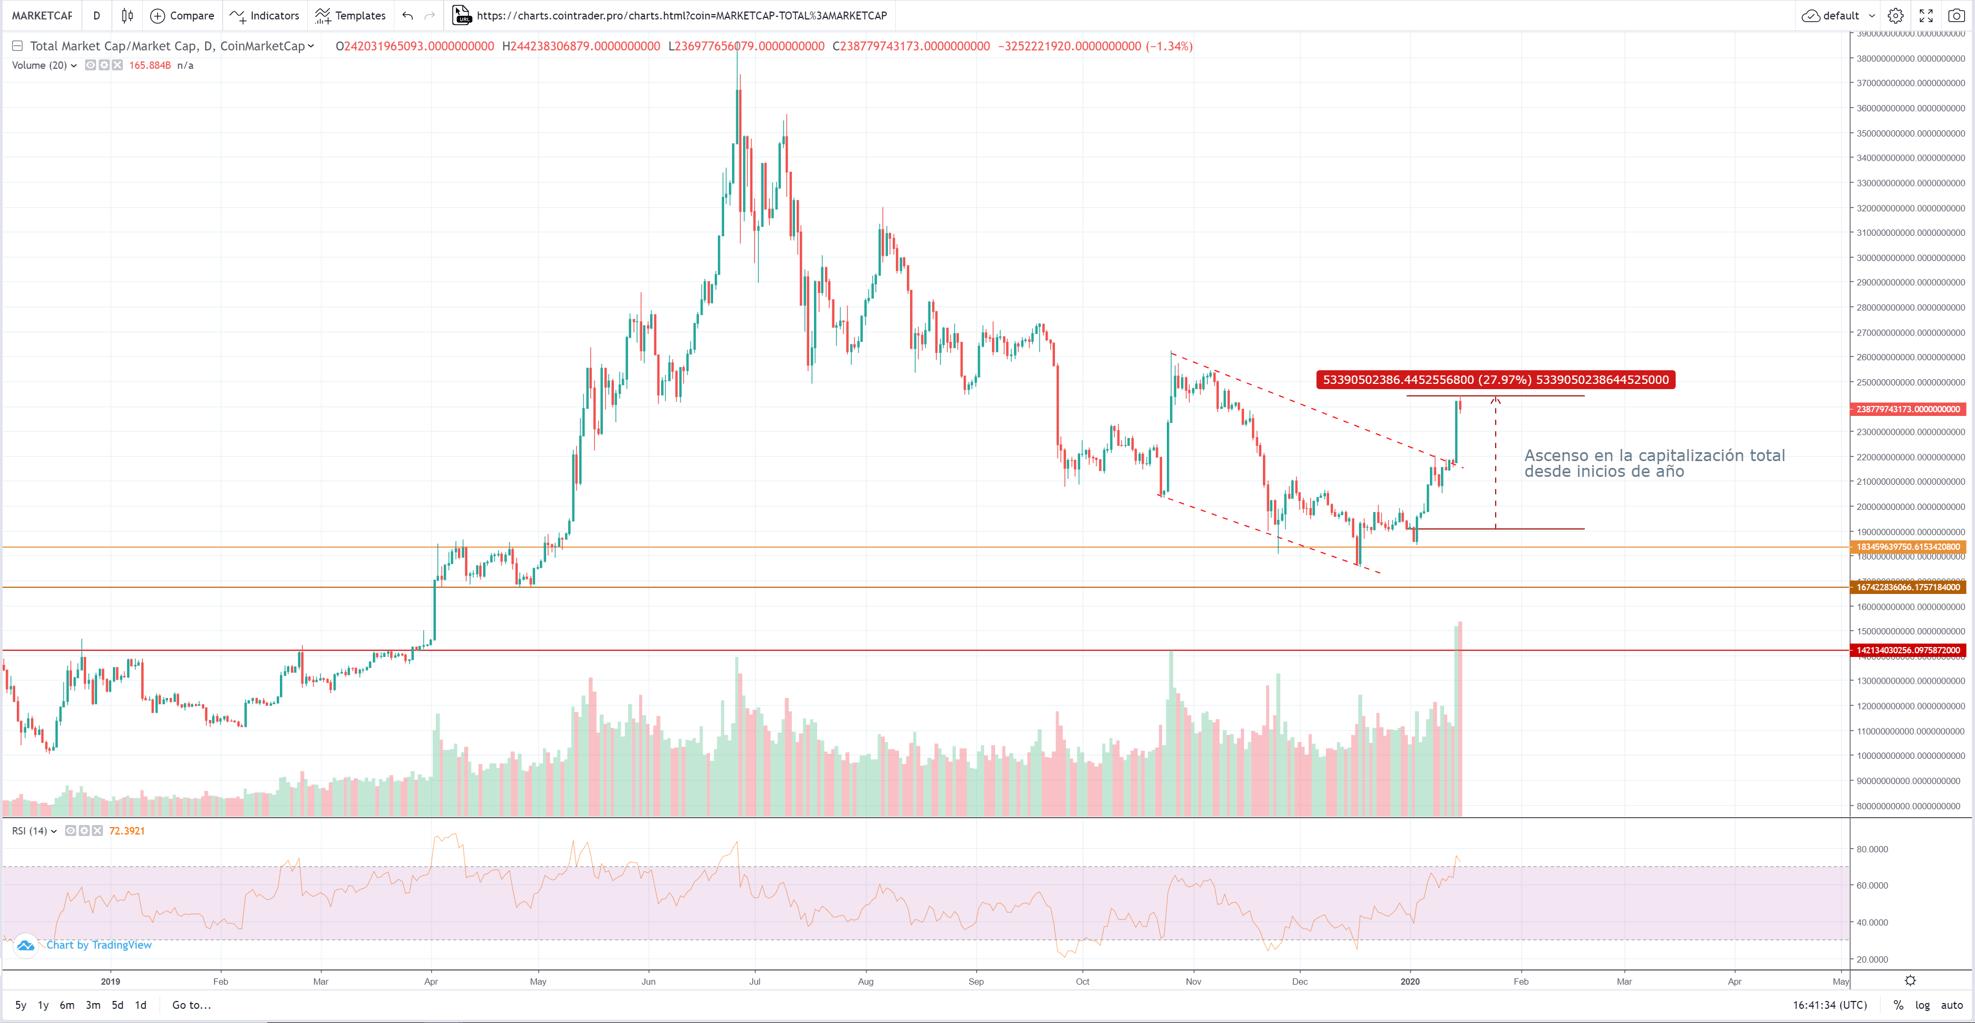 Capitalización total de mercado 15 de enero del 2020